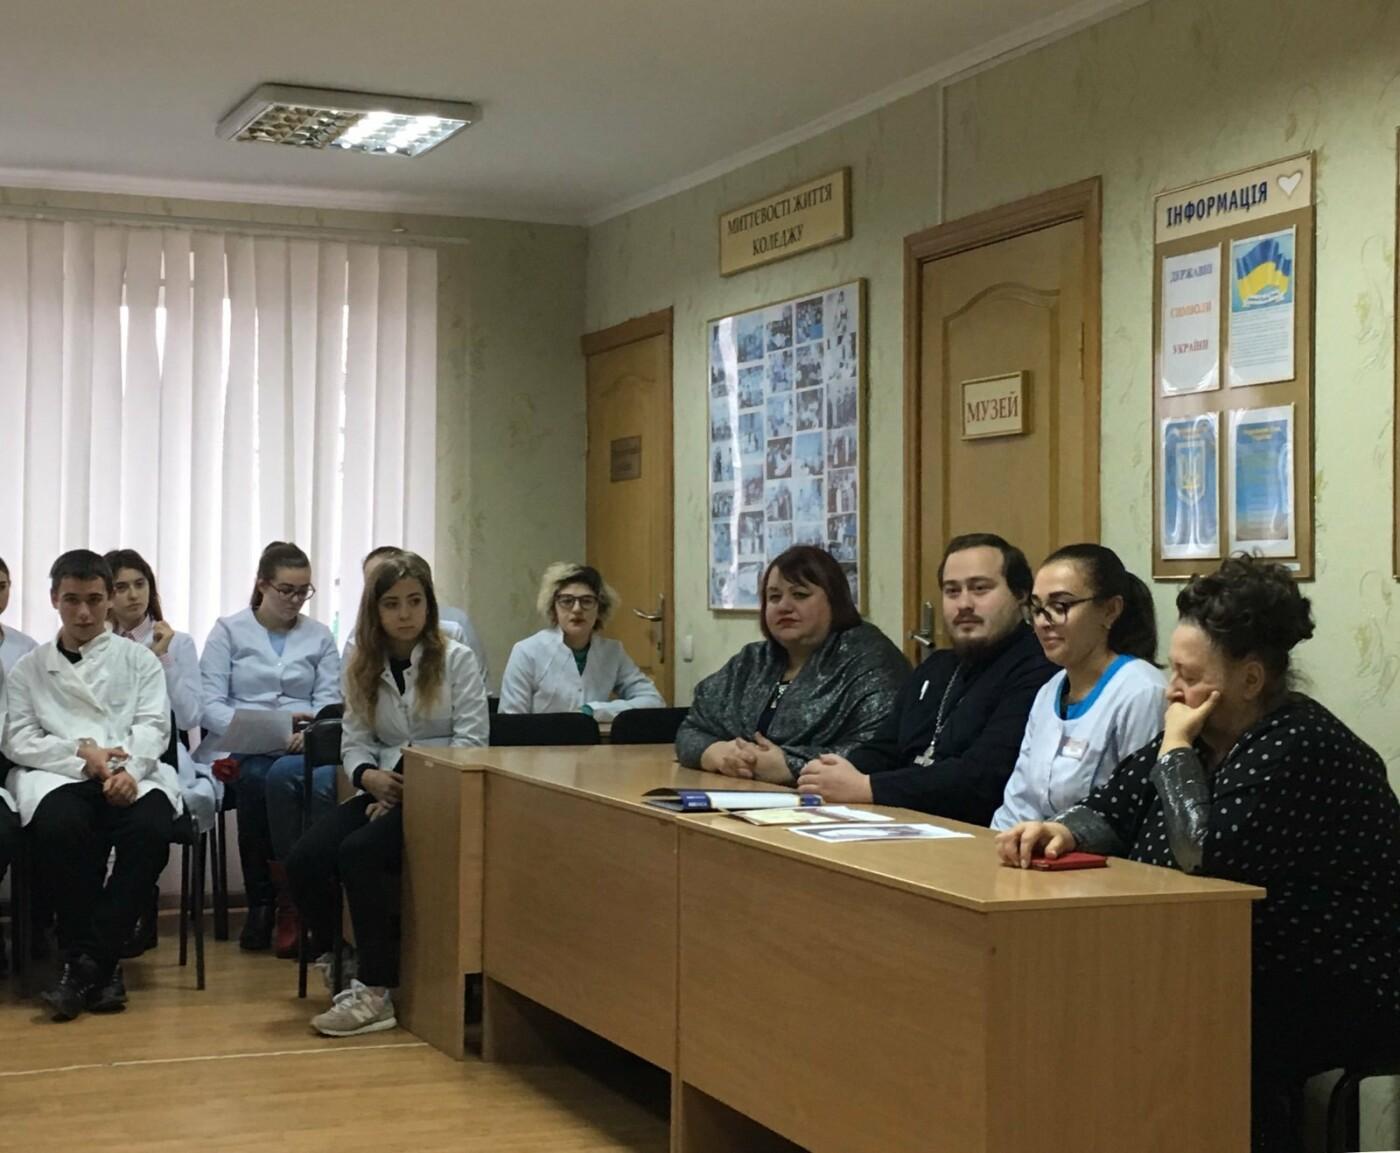 Шановні абітурієнти!  Запрошуємо вас приєднатися до великої команди викладачів і студентів Красноградського медичного коледжу, фото-22